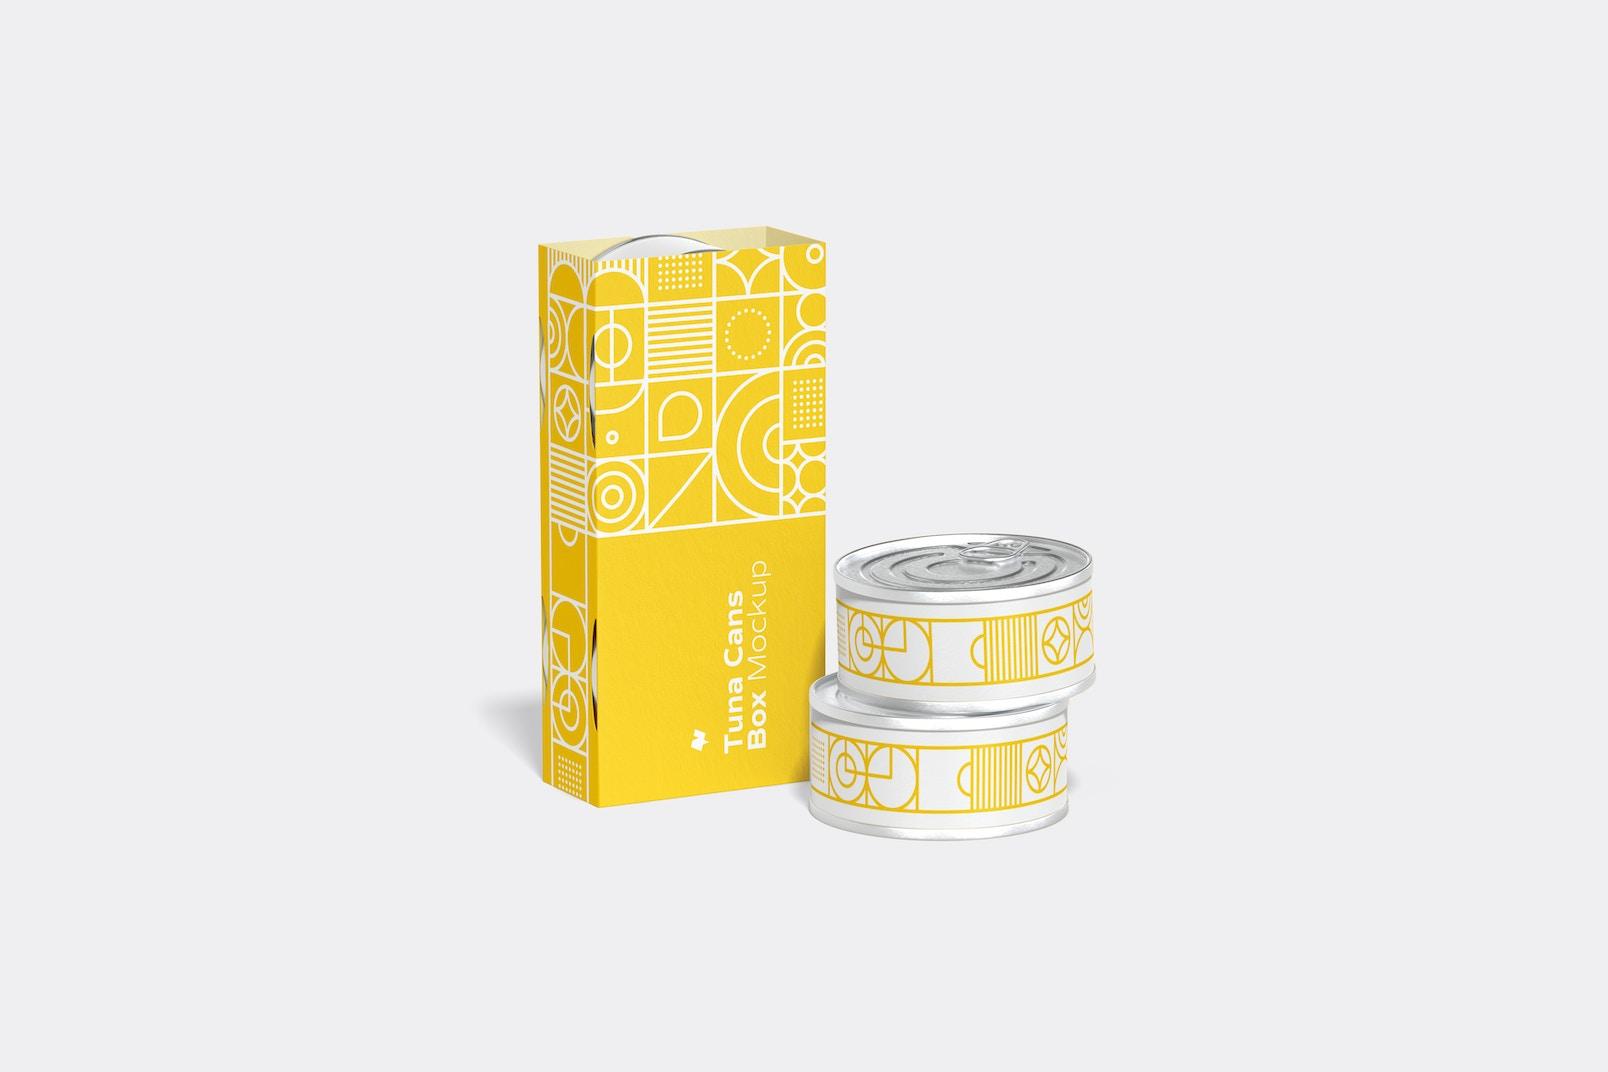 Tuna Cans Box Mockup, Front View